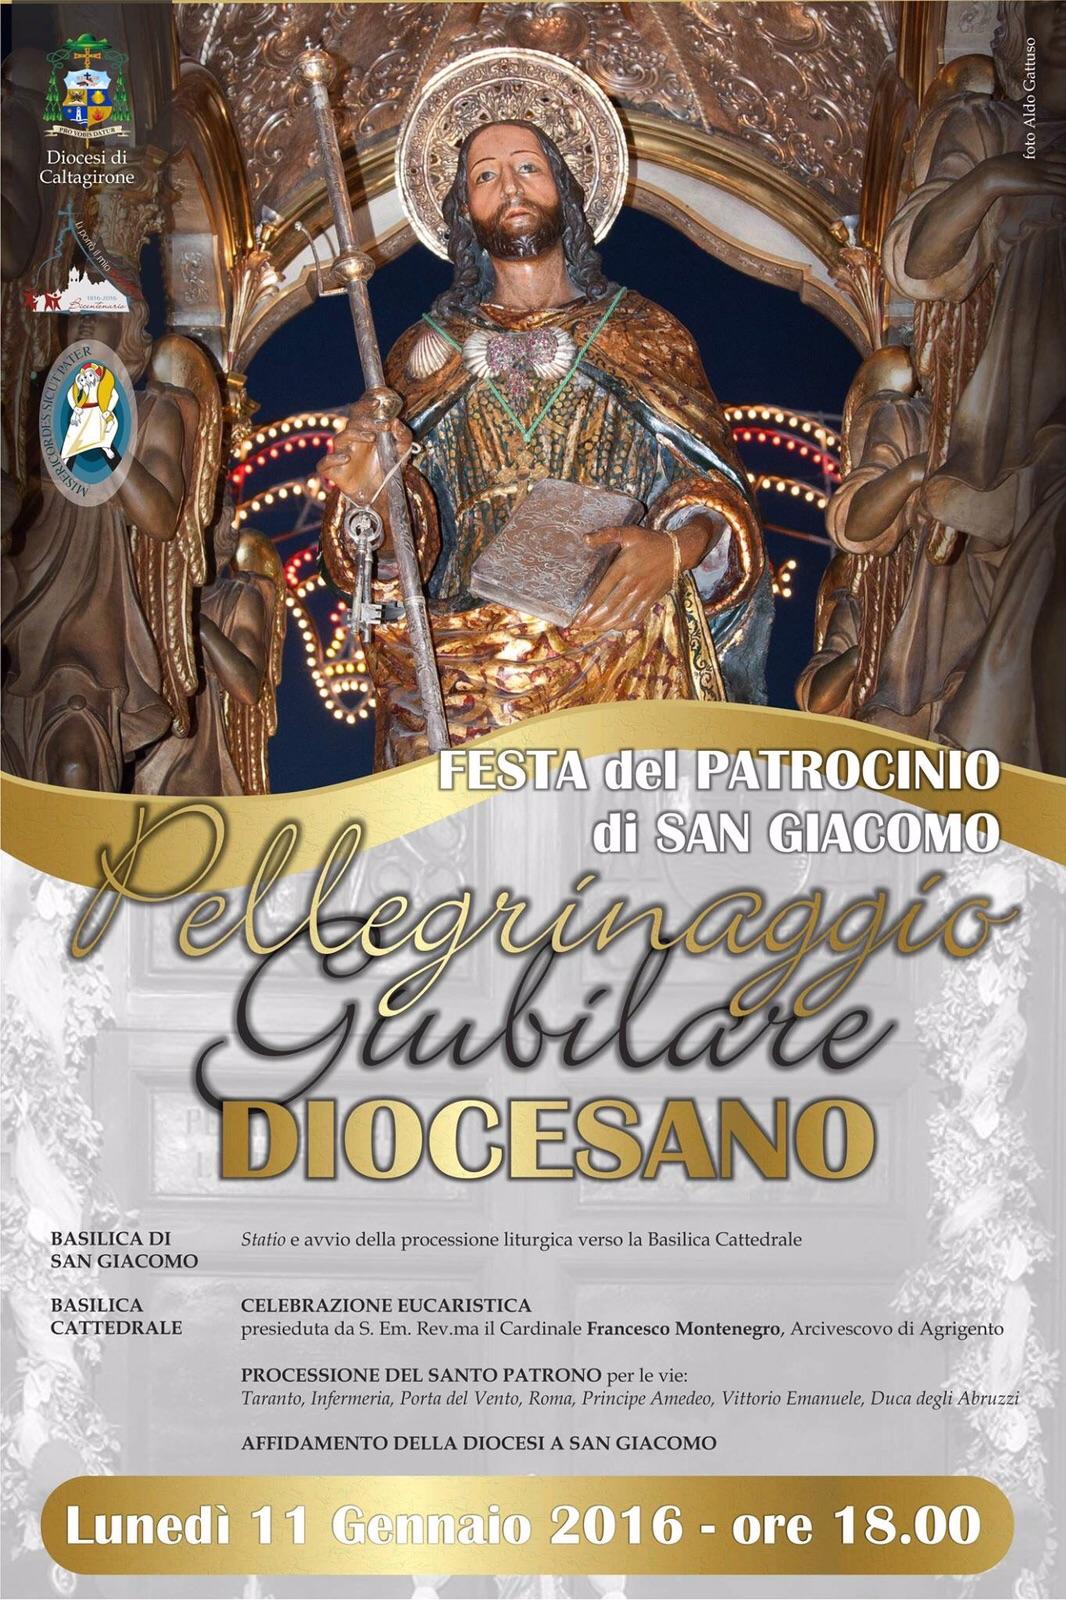 Pellegrinaggio_Giubilare_Diocesano_2016